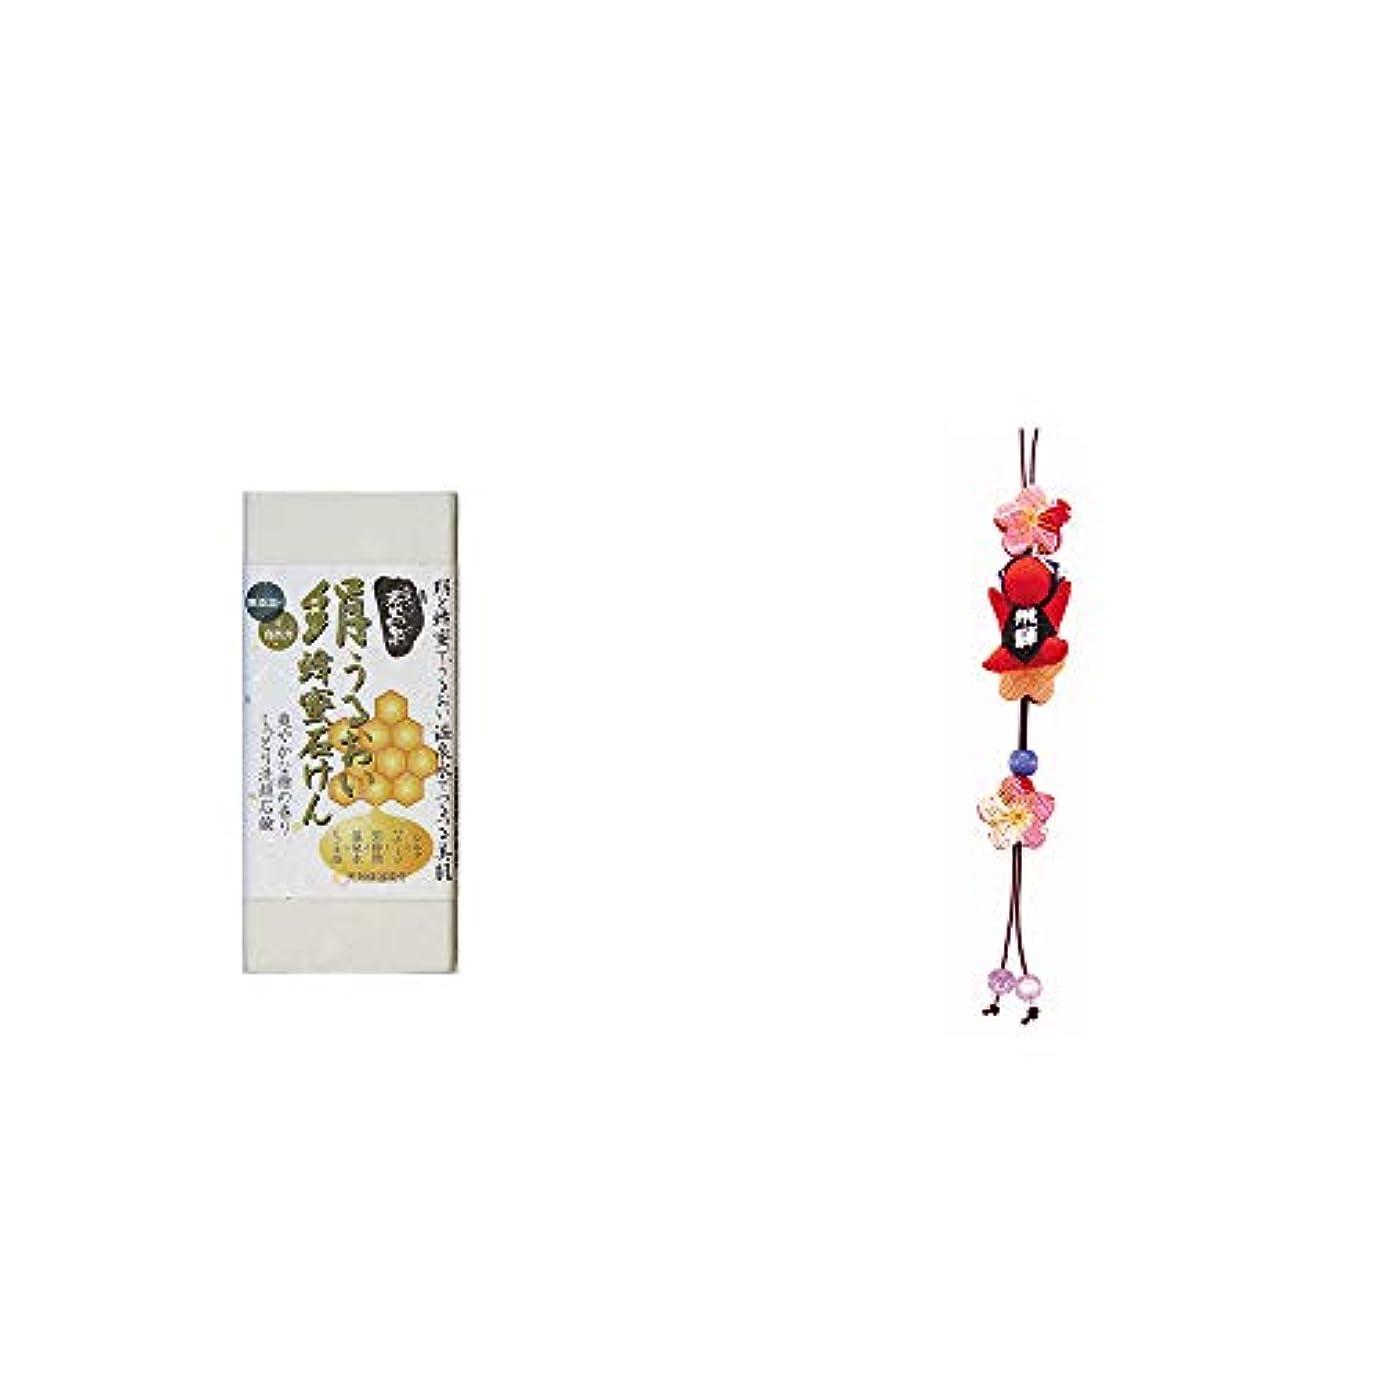 計り知れないマディソンずるい[2点セット] ひのき炭黒泉 絹うるおい蜂蜜石けん(75g×2)?豆さるぼぼ 和風ストラップ【赤】 / 縁結び?魔除け //